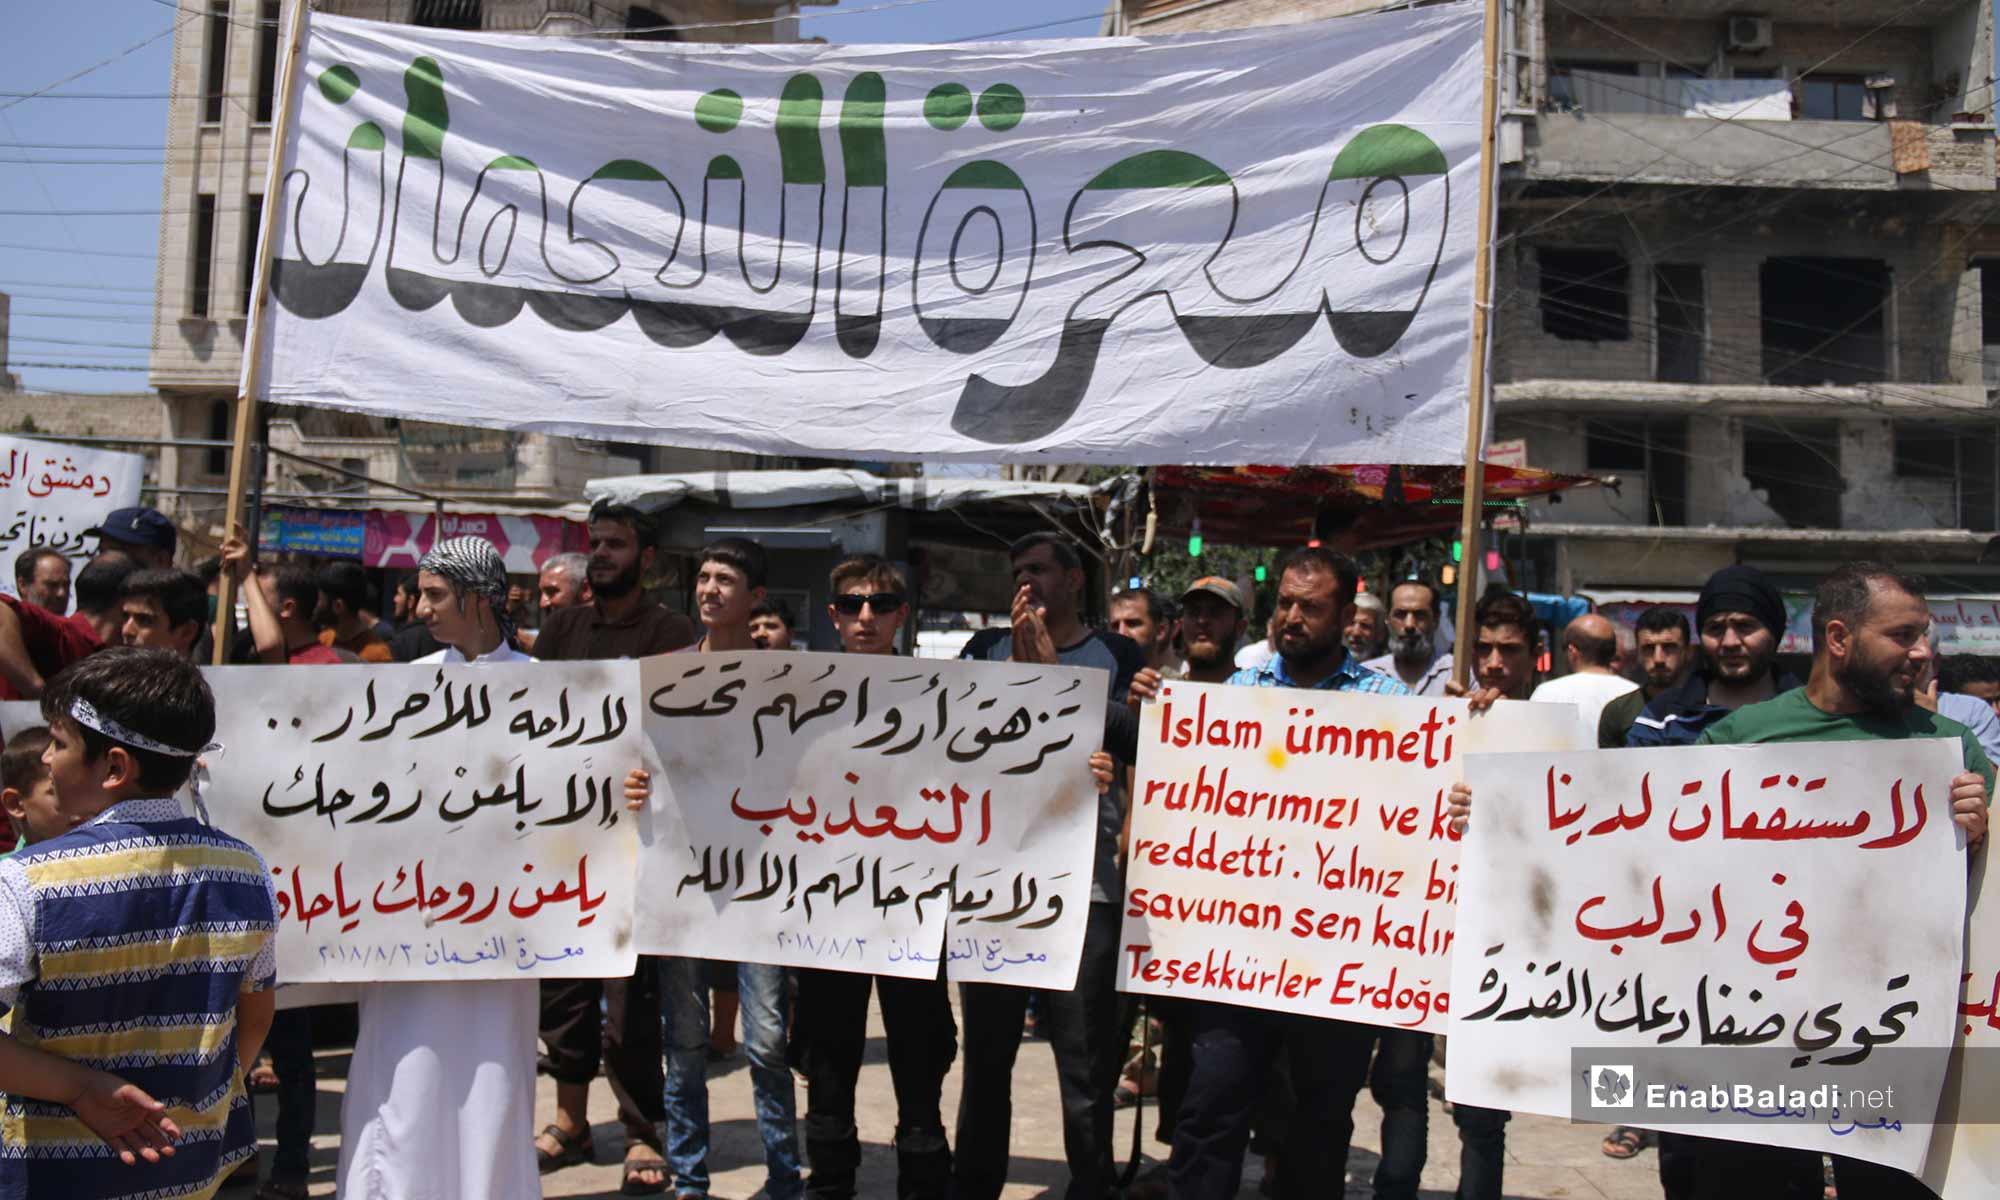 وقفة احتجاجية ضد الانتهاكات بحق المعقتلين السوريين في مدينة معرة النعمان - 3 من آب 2018 (عنب بلدي)